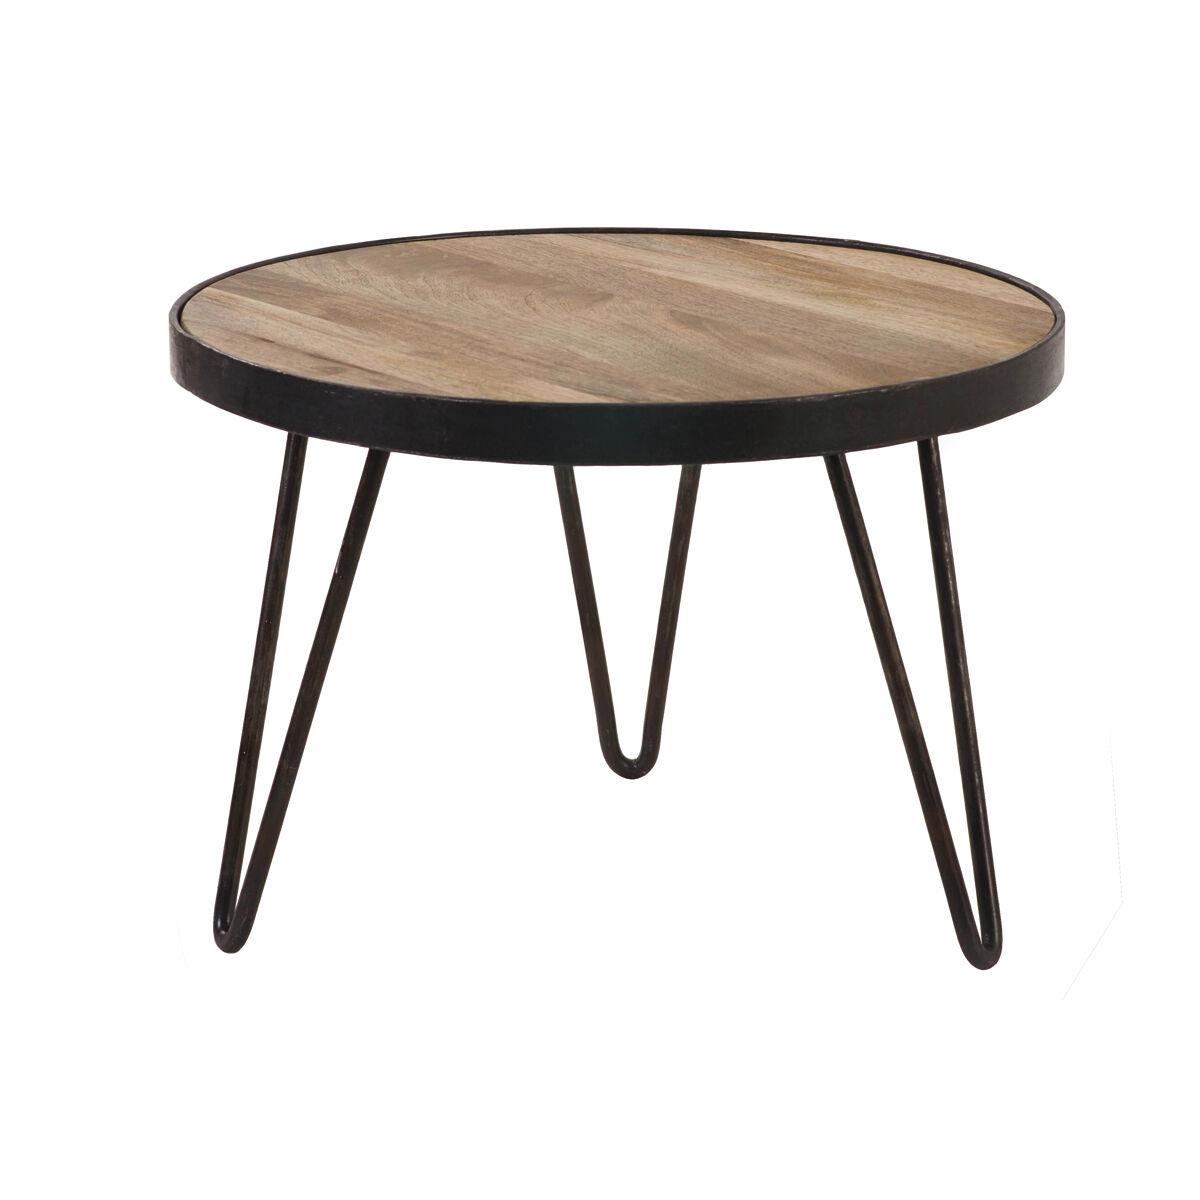 Miliboo Table basse ronde industrielle en manguier massif D50 x H35 cm ATELIER